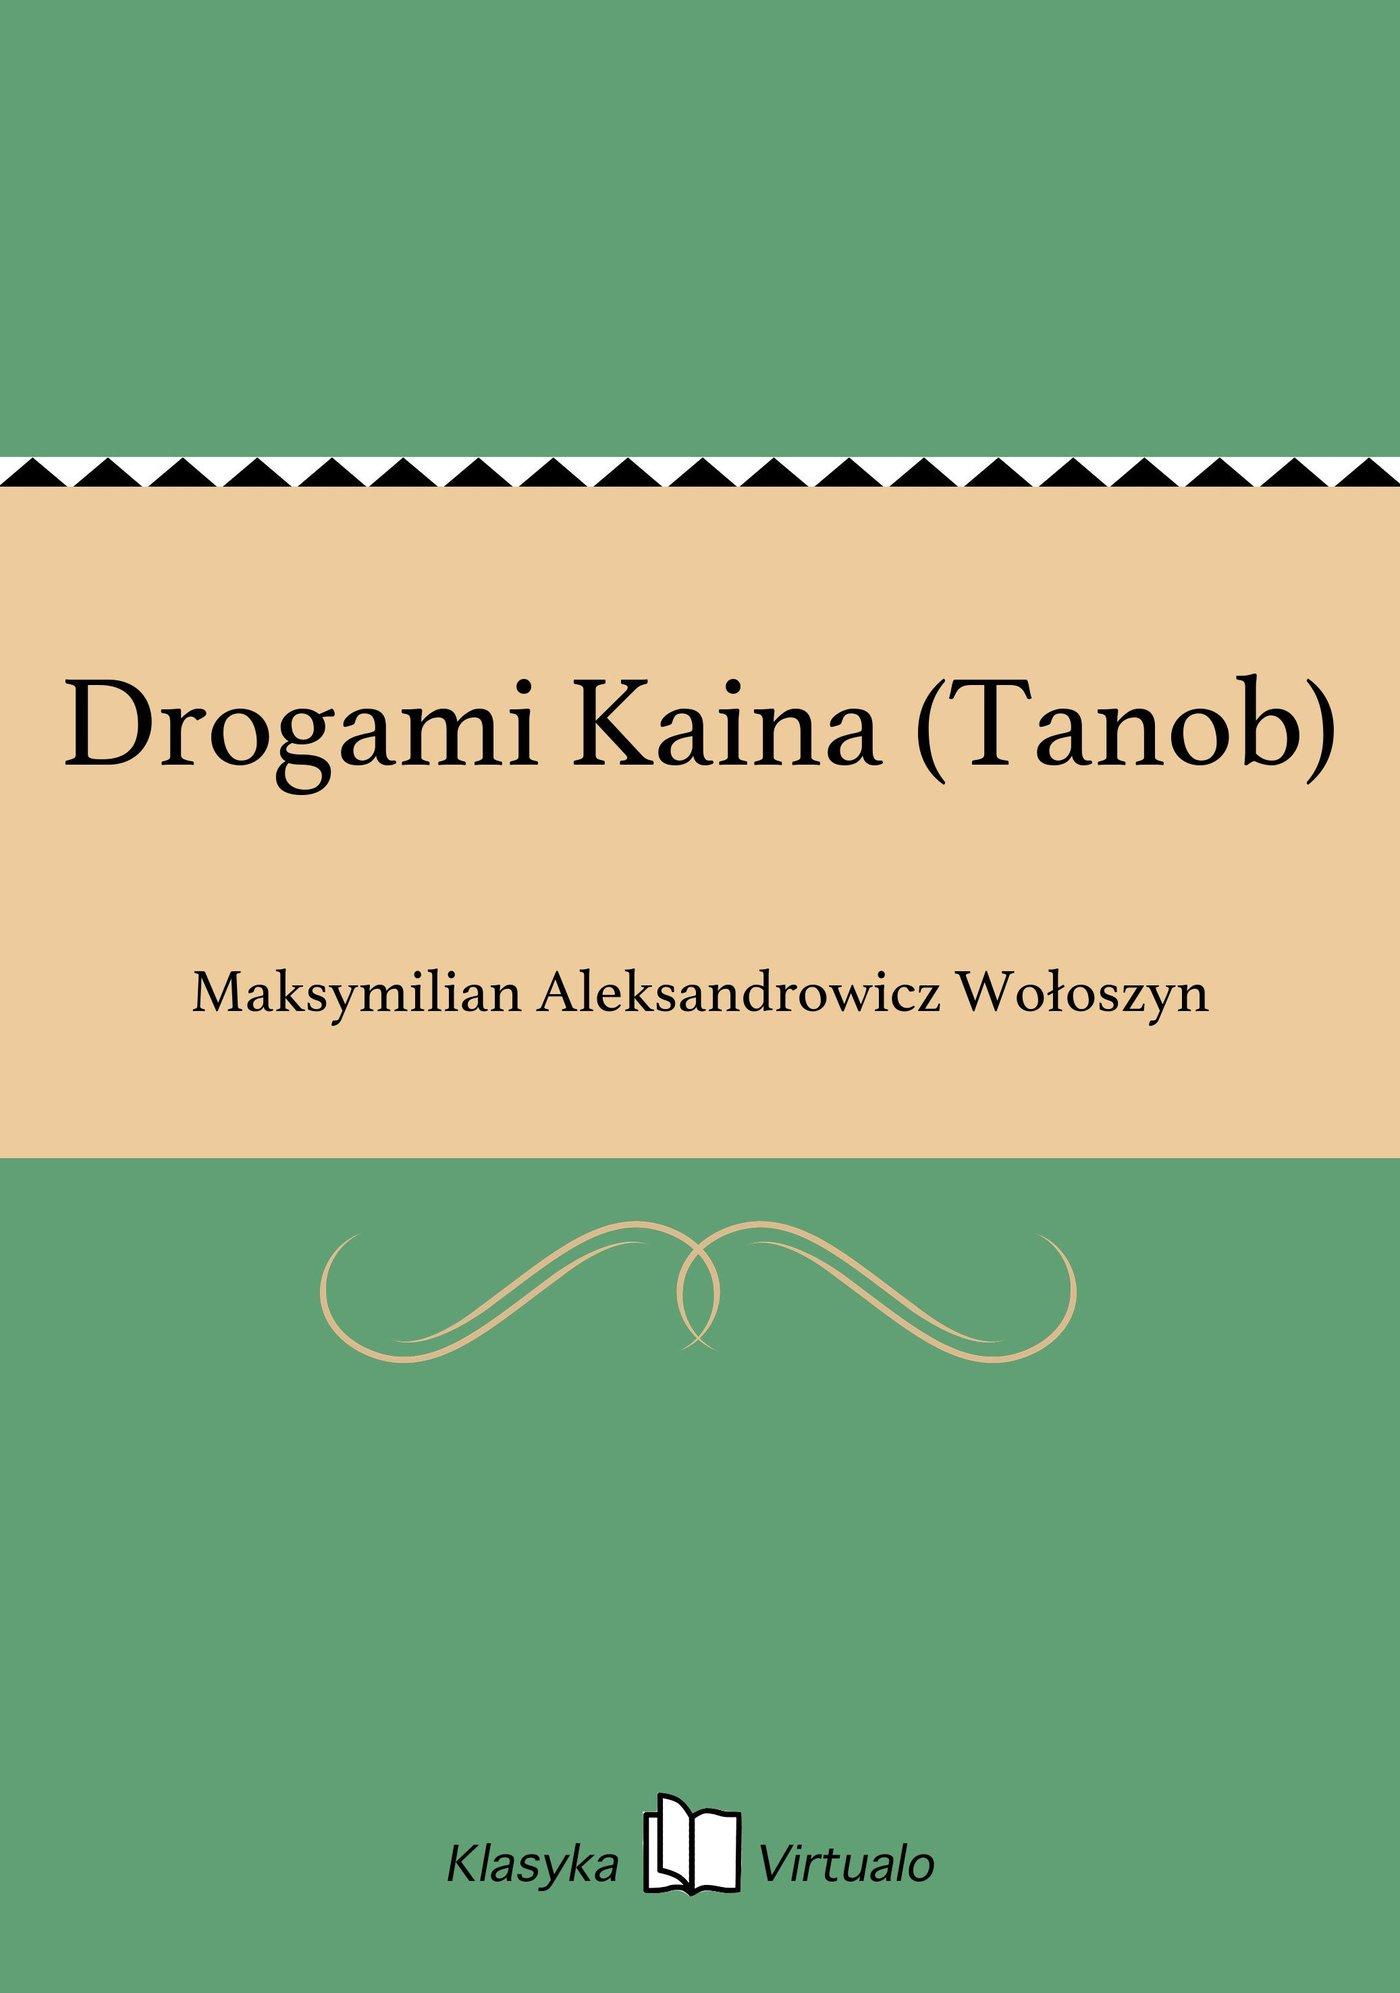 Drogami Kaina (Tanob) - Ebook (Książka EPUB) do pobrania w formacie EPUB